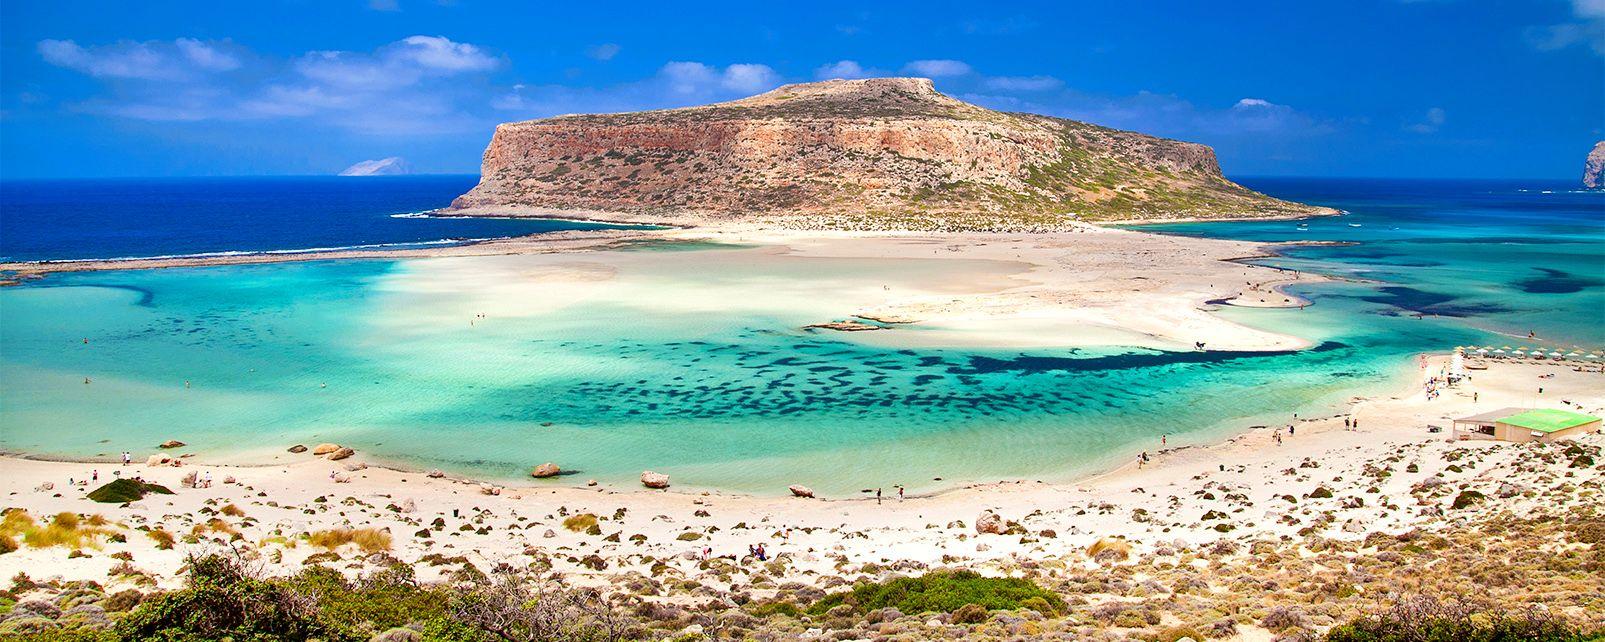 , Balos Beach et son lagon, Les paysages, Crète